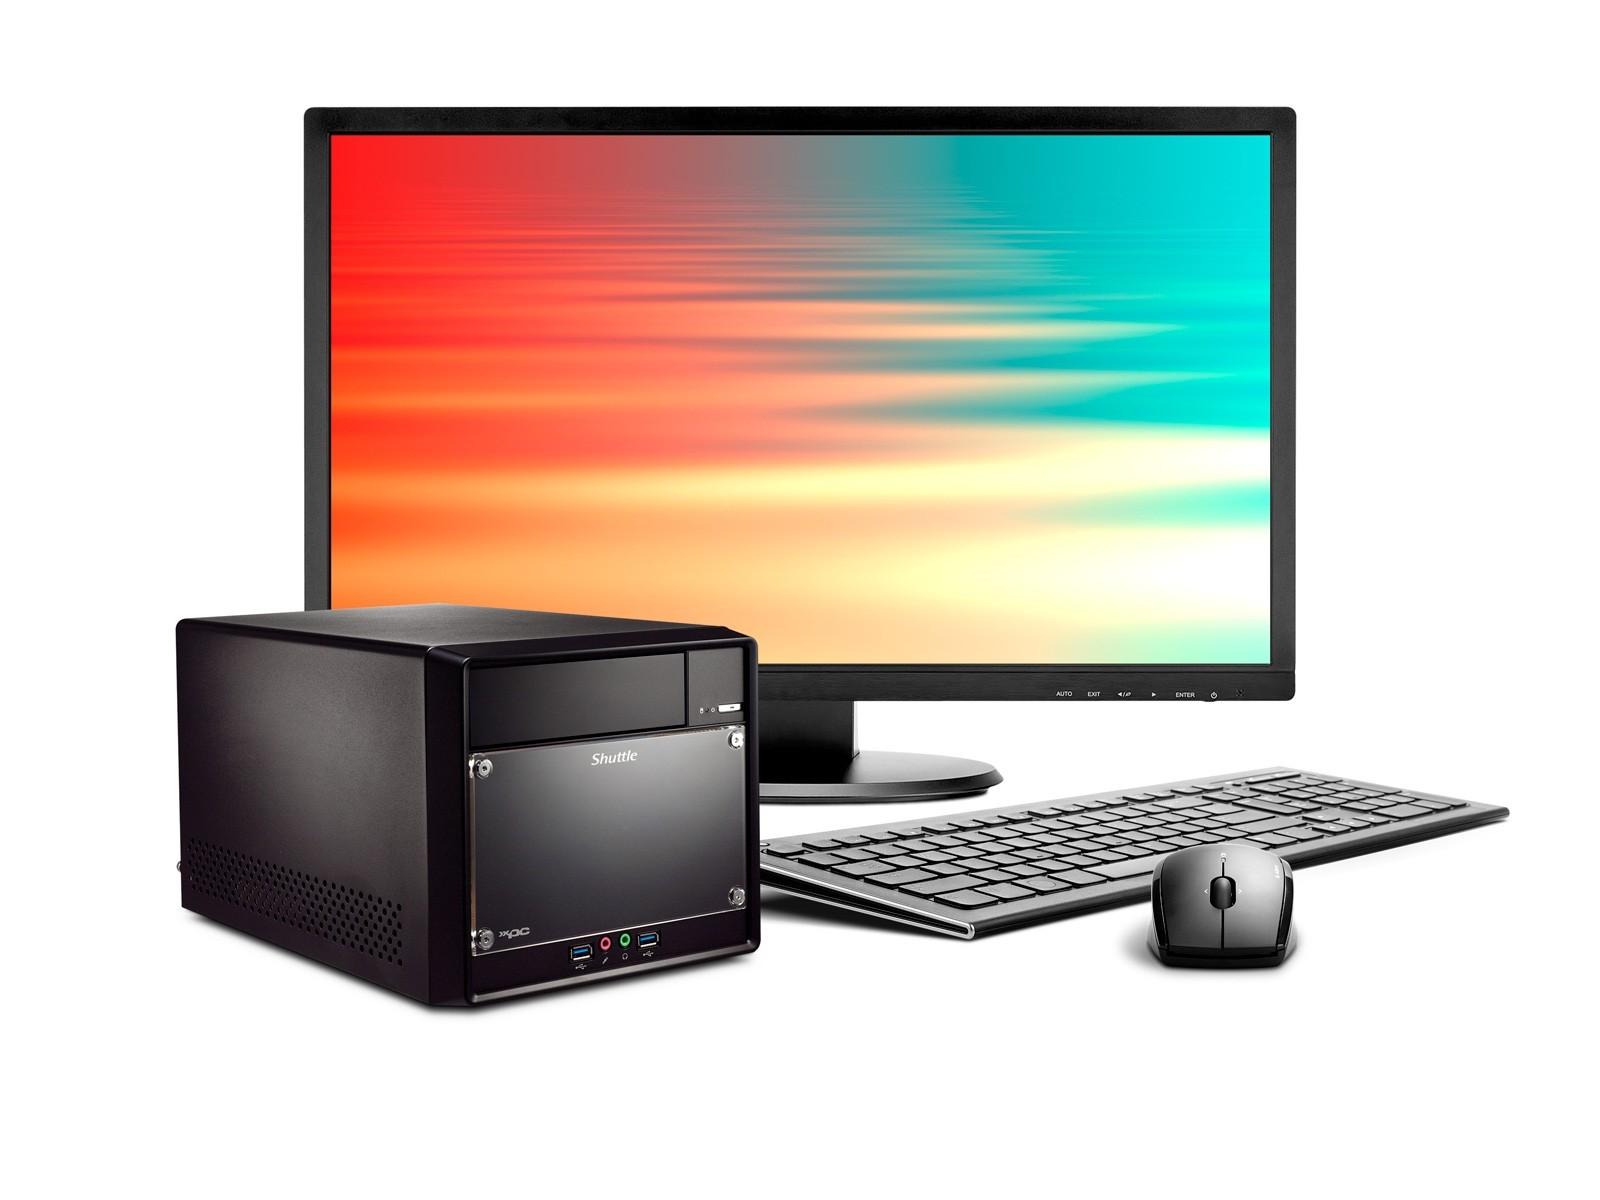 Shuttle Mini PC R4 3100B pour processeurs Intel de 8e et 9e génération